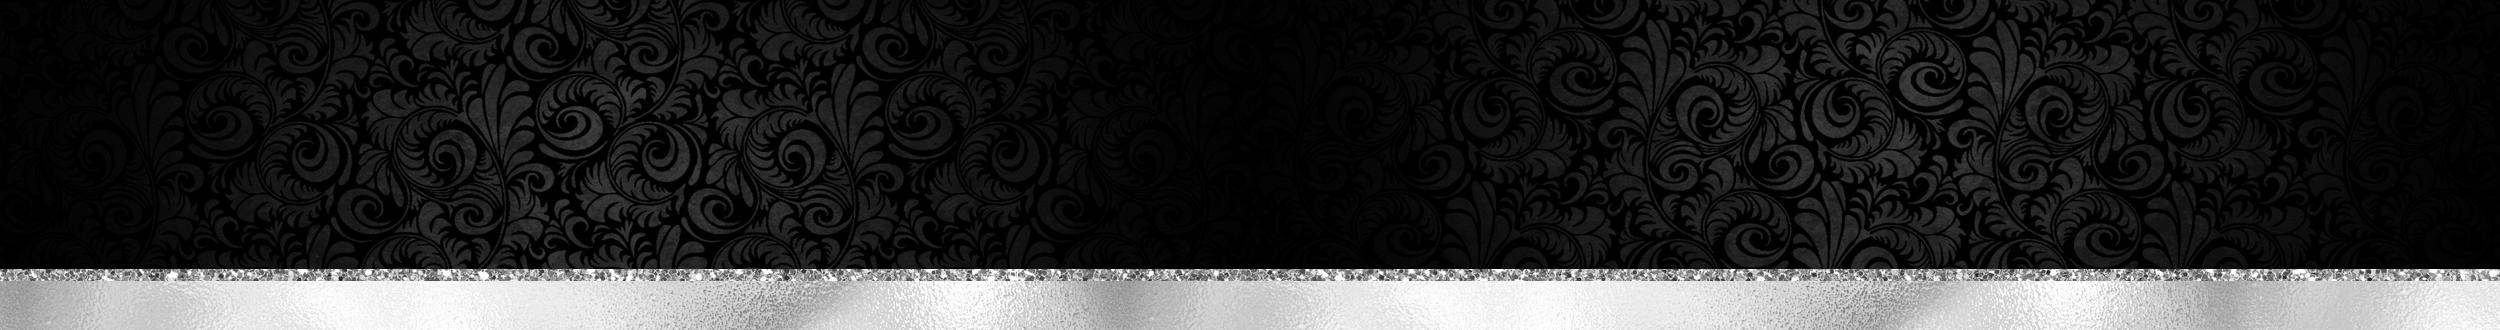 exquisiteglam-banner-header.png